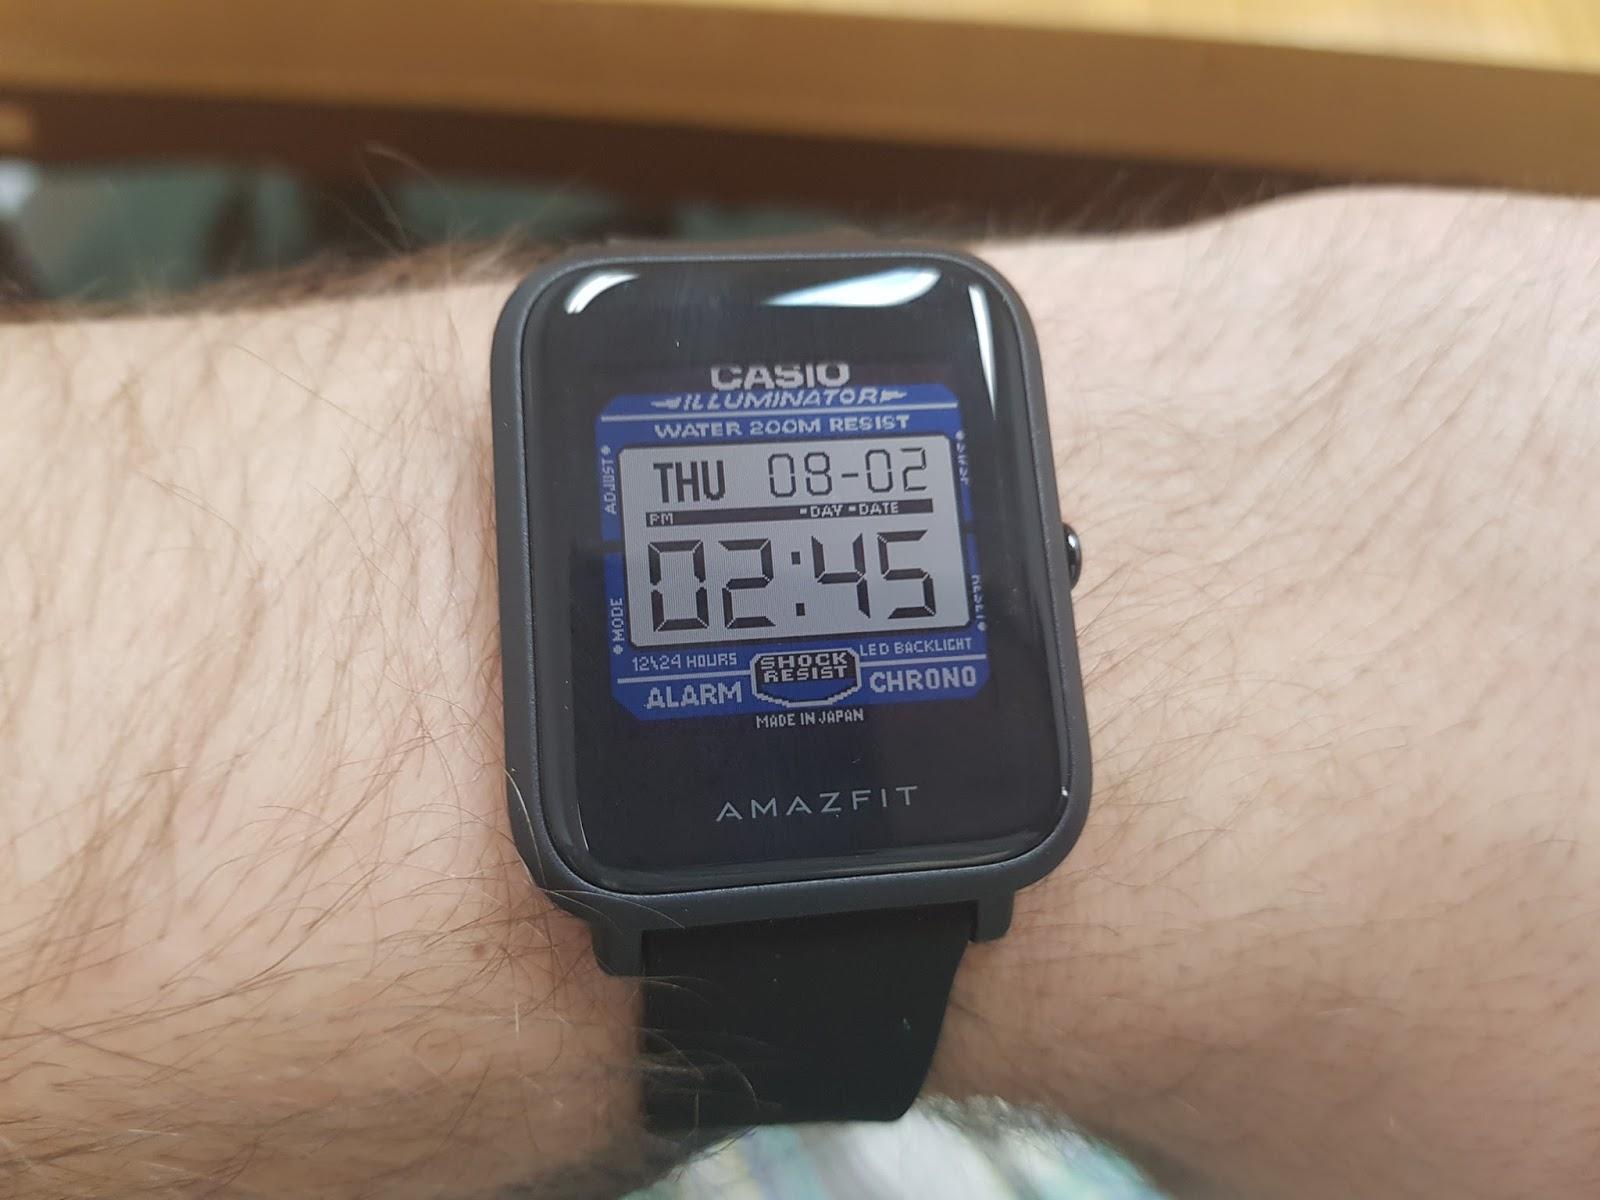 Gwarantuję że zdecydowana większość os³b kt³re spojrzą na smartwatch na waszym nadgarstku pomyśli że to hipsterski Casio a nie sprzęt monitorujący puls